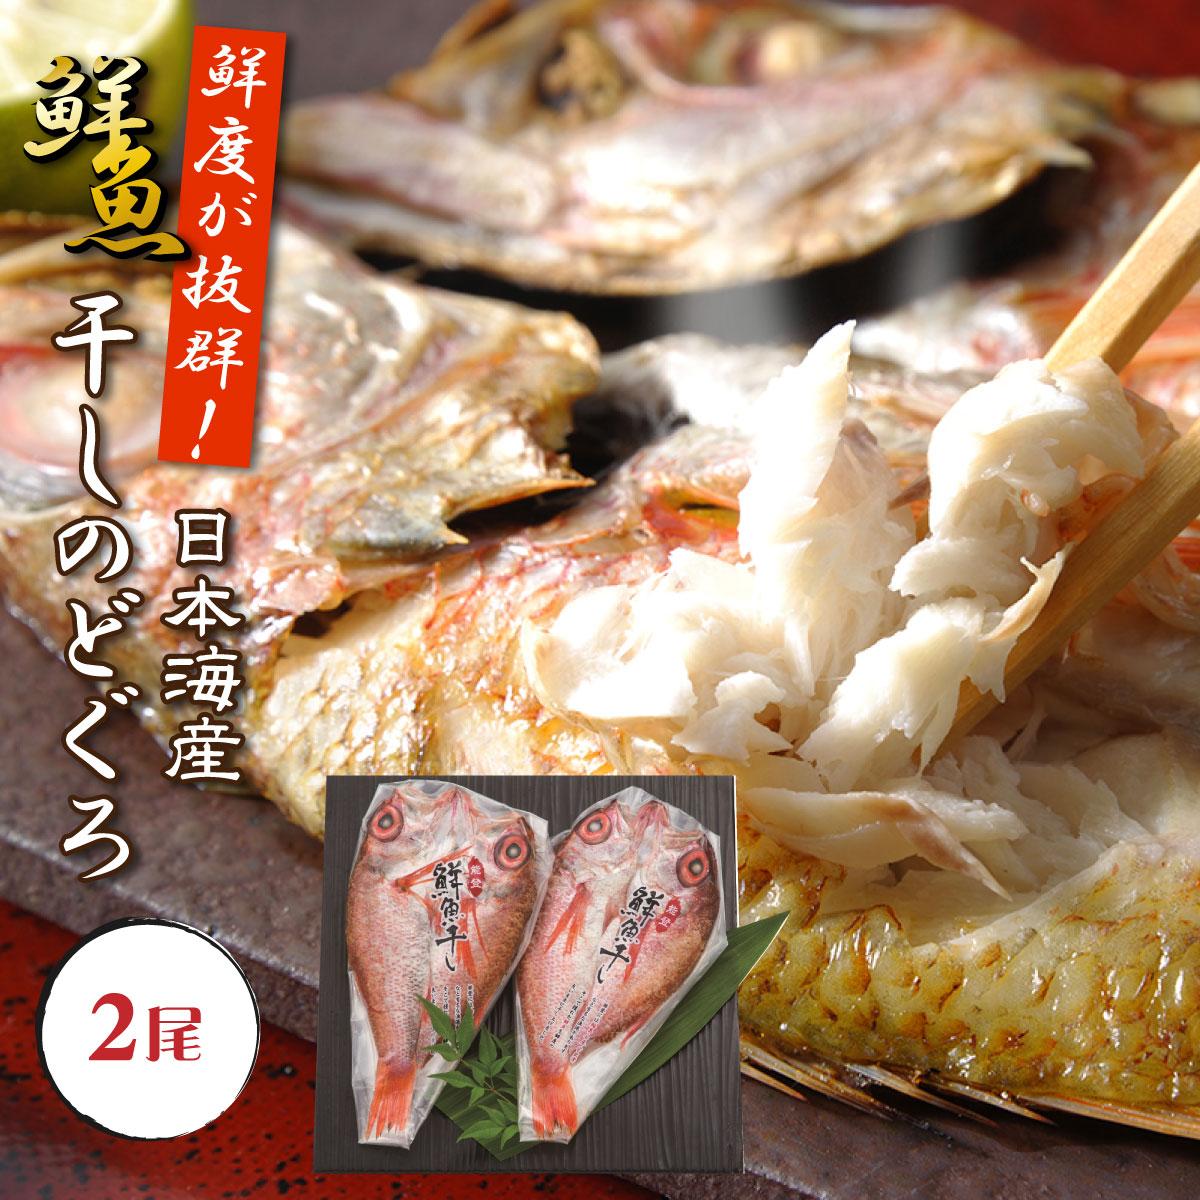 日本海産 のどぐろ 鮮魚干し (1尾×2個) セット 一夜干し 石川県 能登地方 伝統 魚醤油『いしり』使用